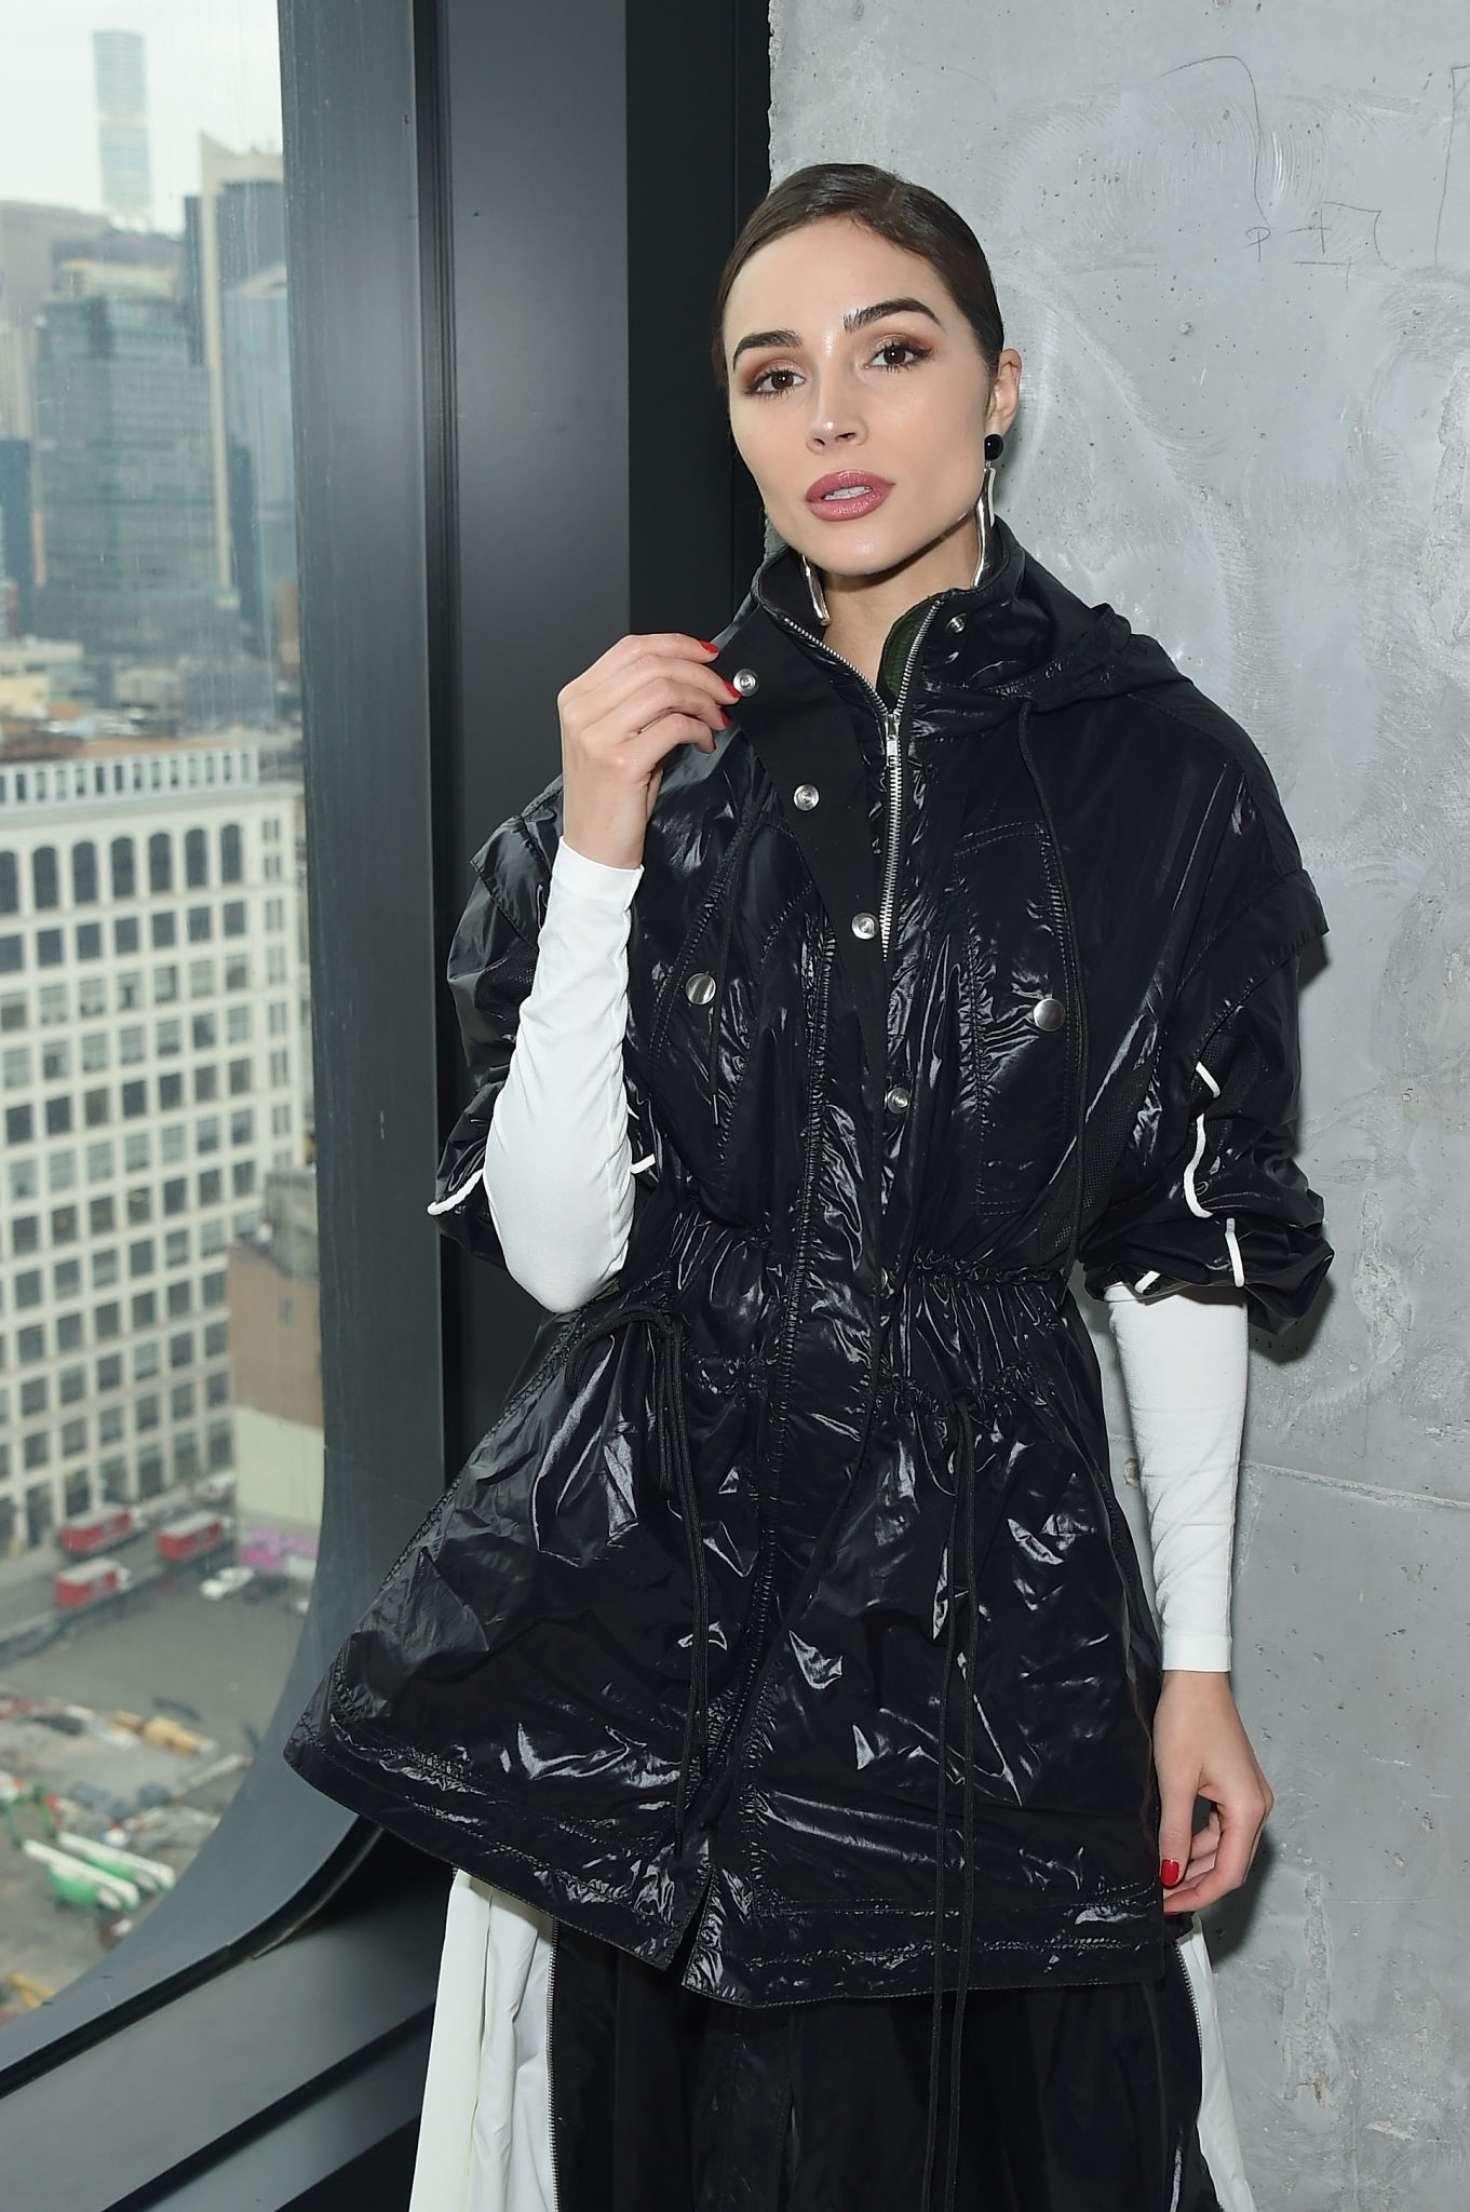 Olivia Culpo - Proenza Schouler Fashion Show in New York